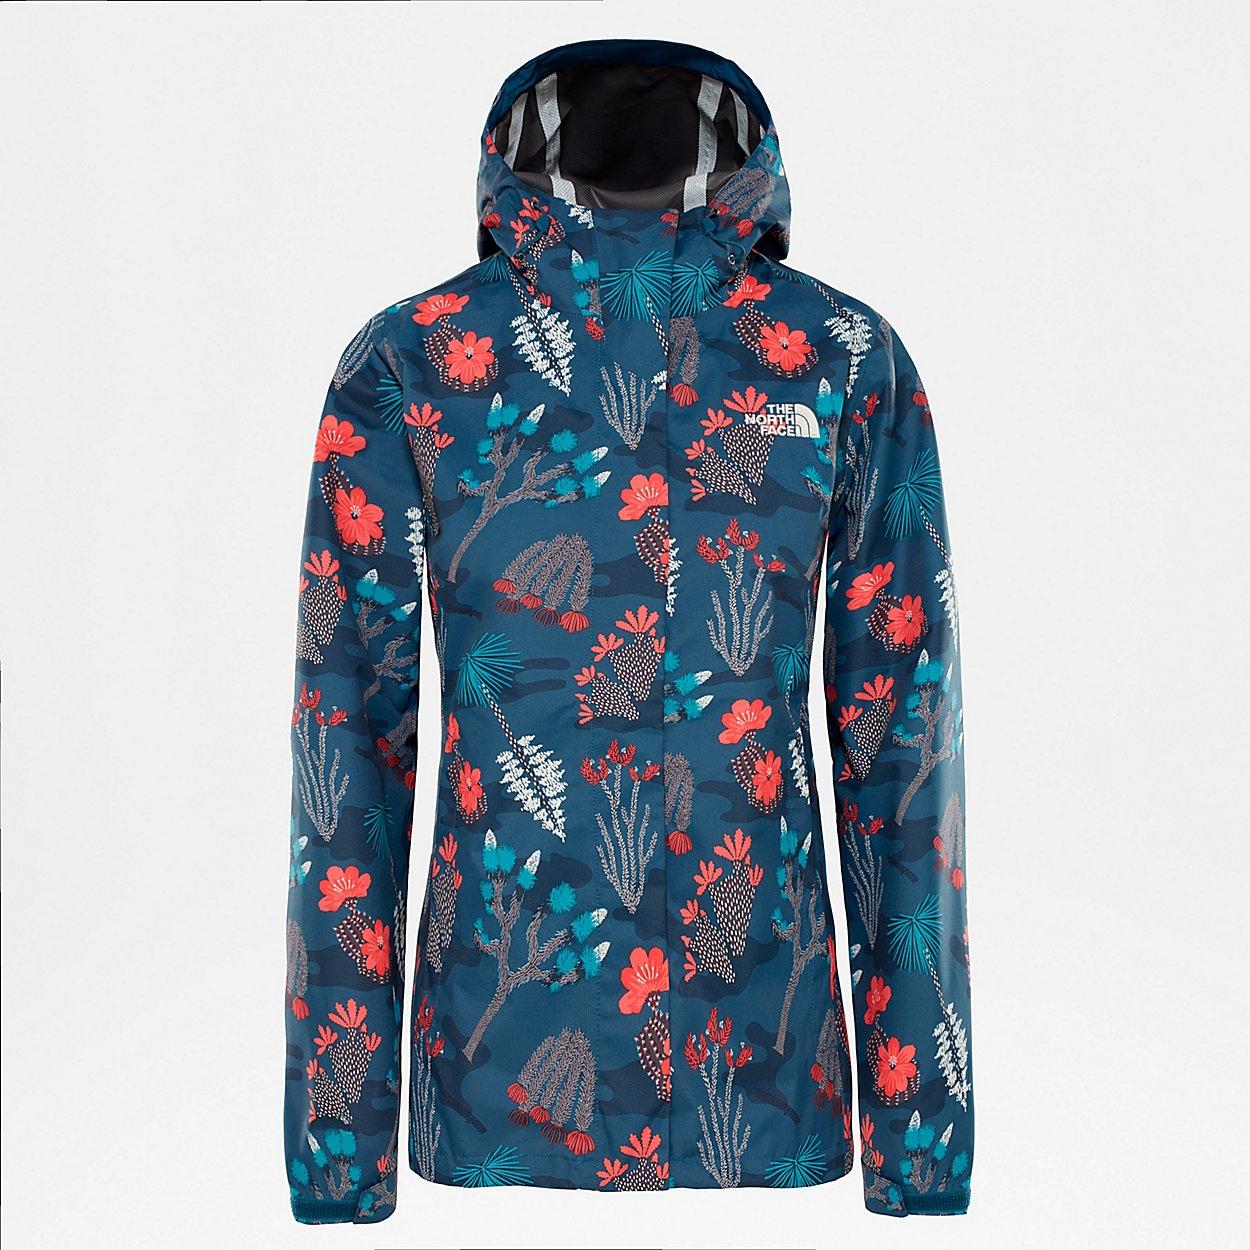 7890e6fdd5 THE NORTH FACE TheNorthFace PRINT VENTURE blue wing teal joshua 2019 été.  Avec son côté multicolore aux imprimés à motifs fleurs, la veste PRINT  VENTURE ...